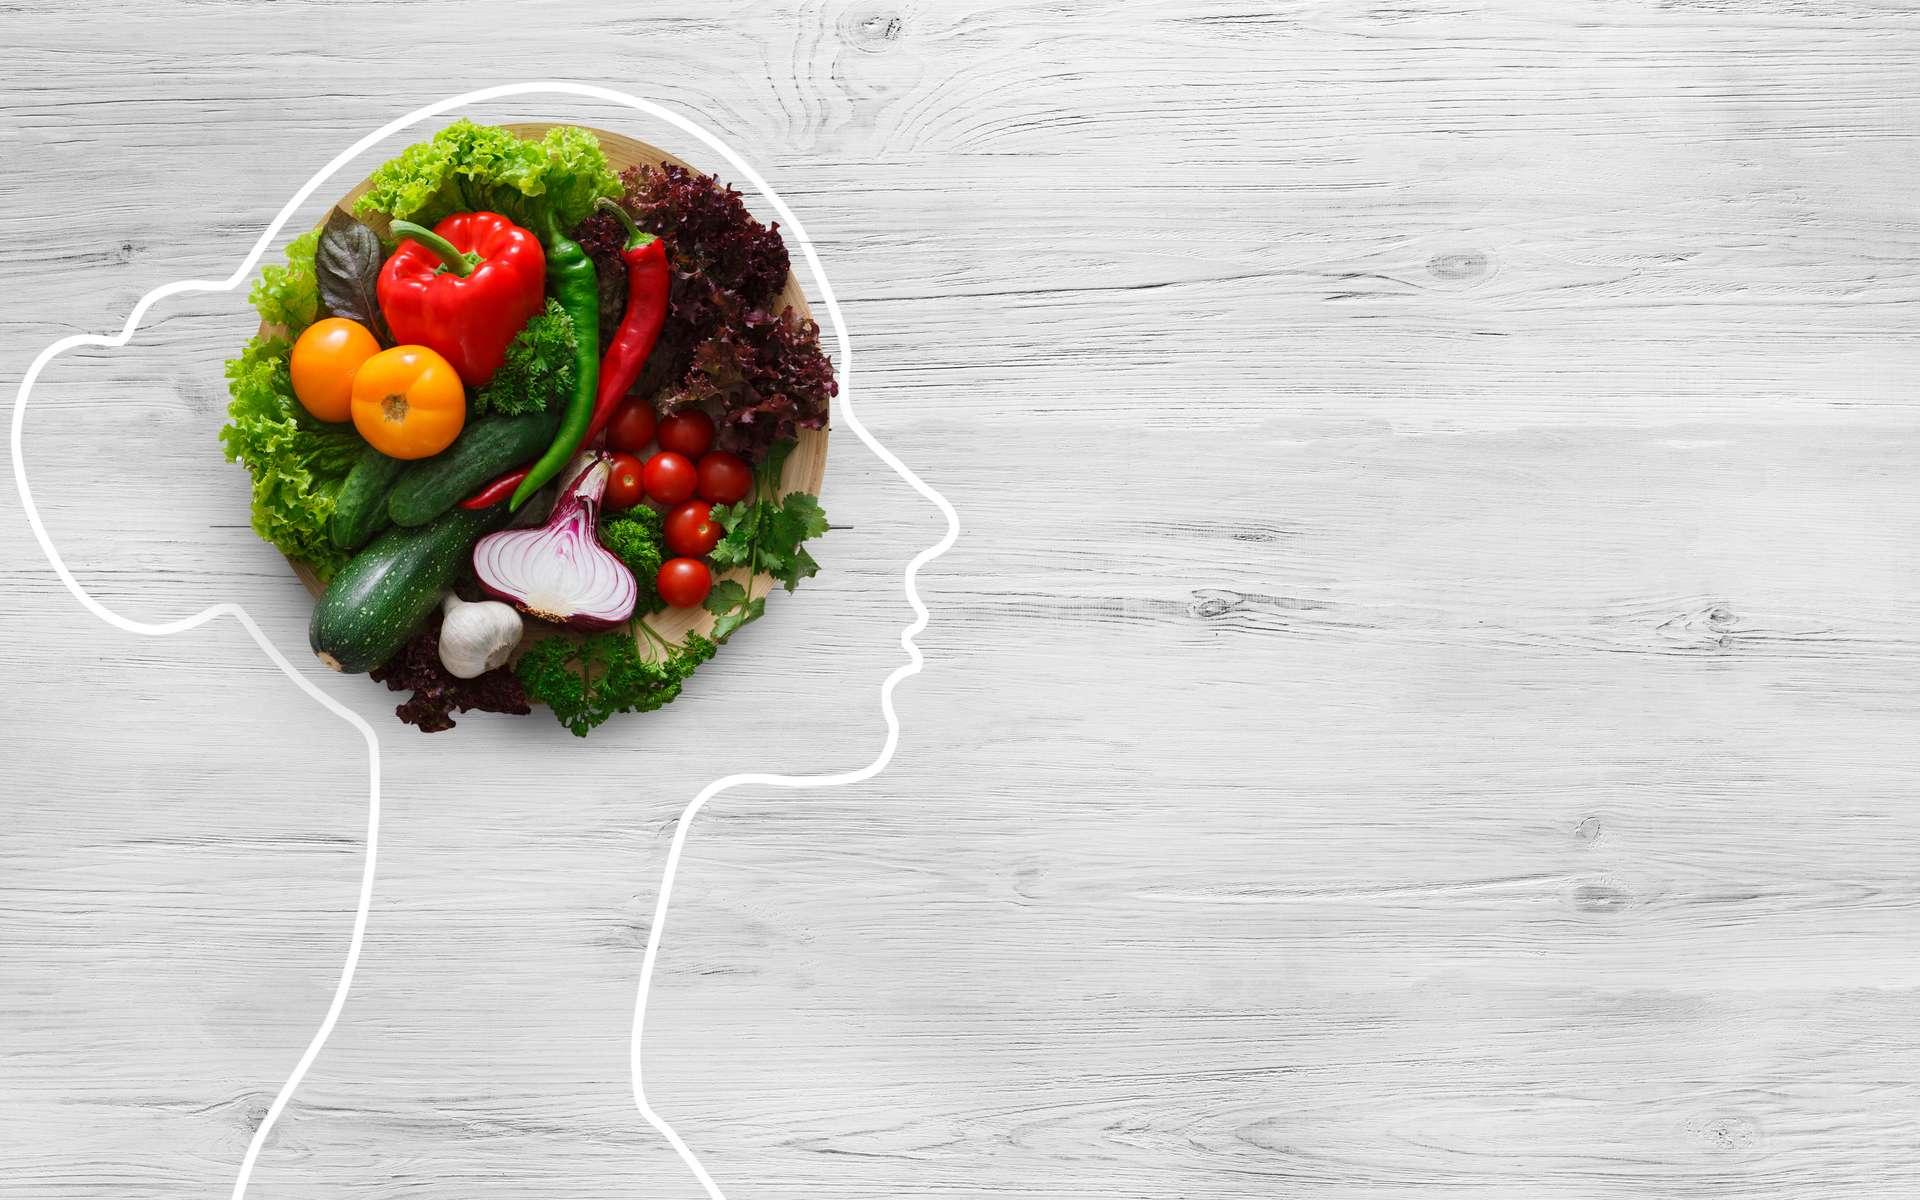 L'importance de l'alimentation pour bien nourrir son cerveau. © Prostock-studio, Adobe Stock